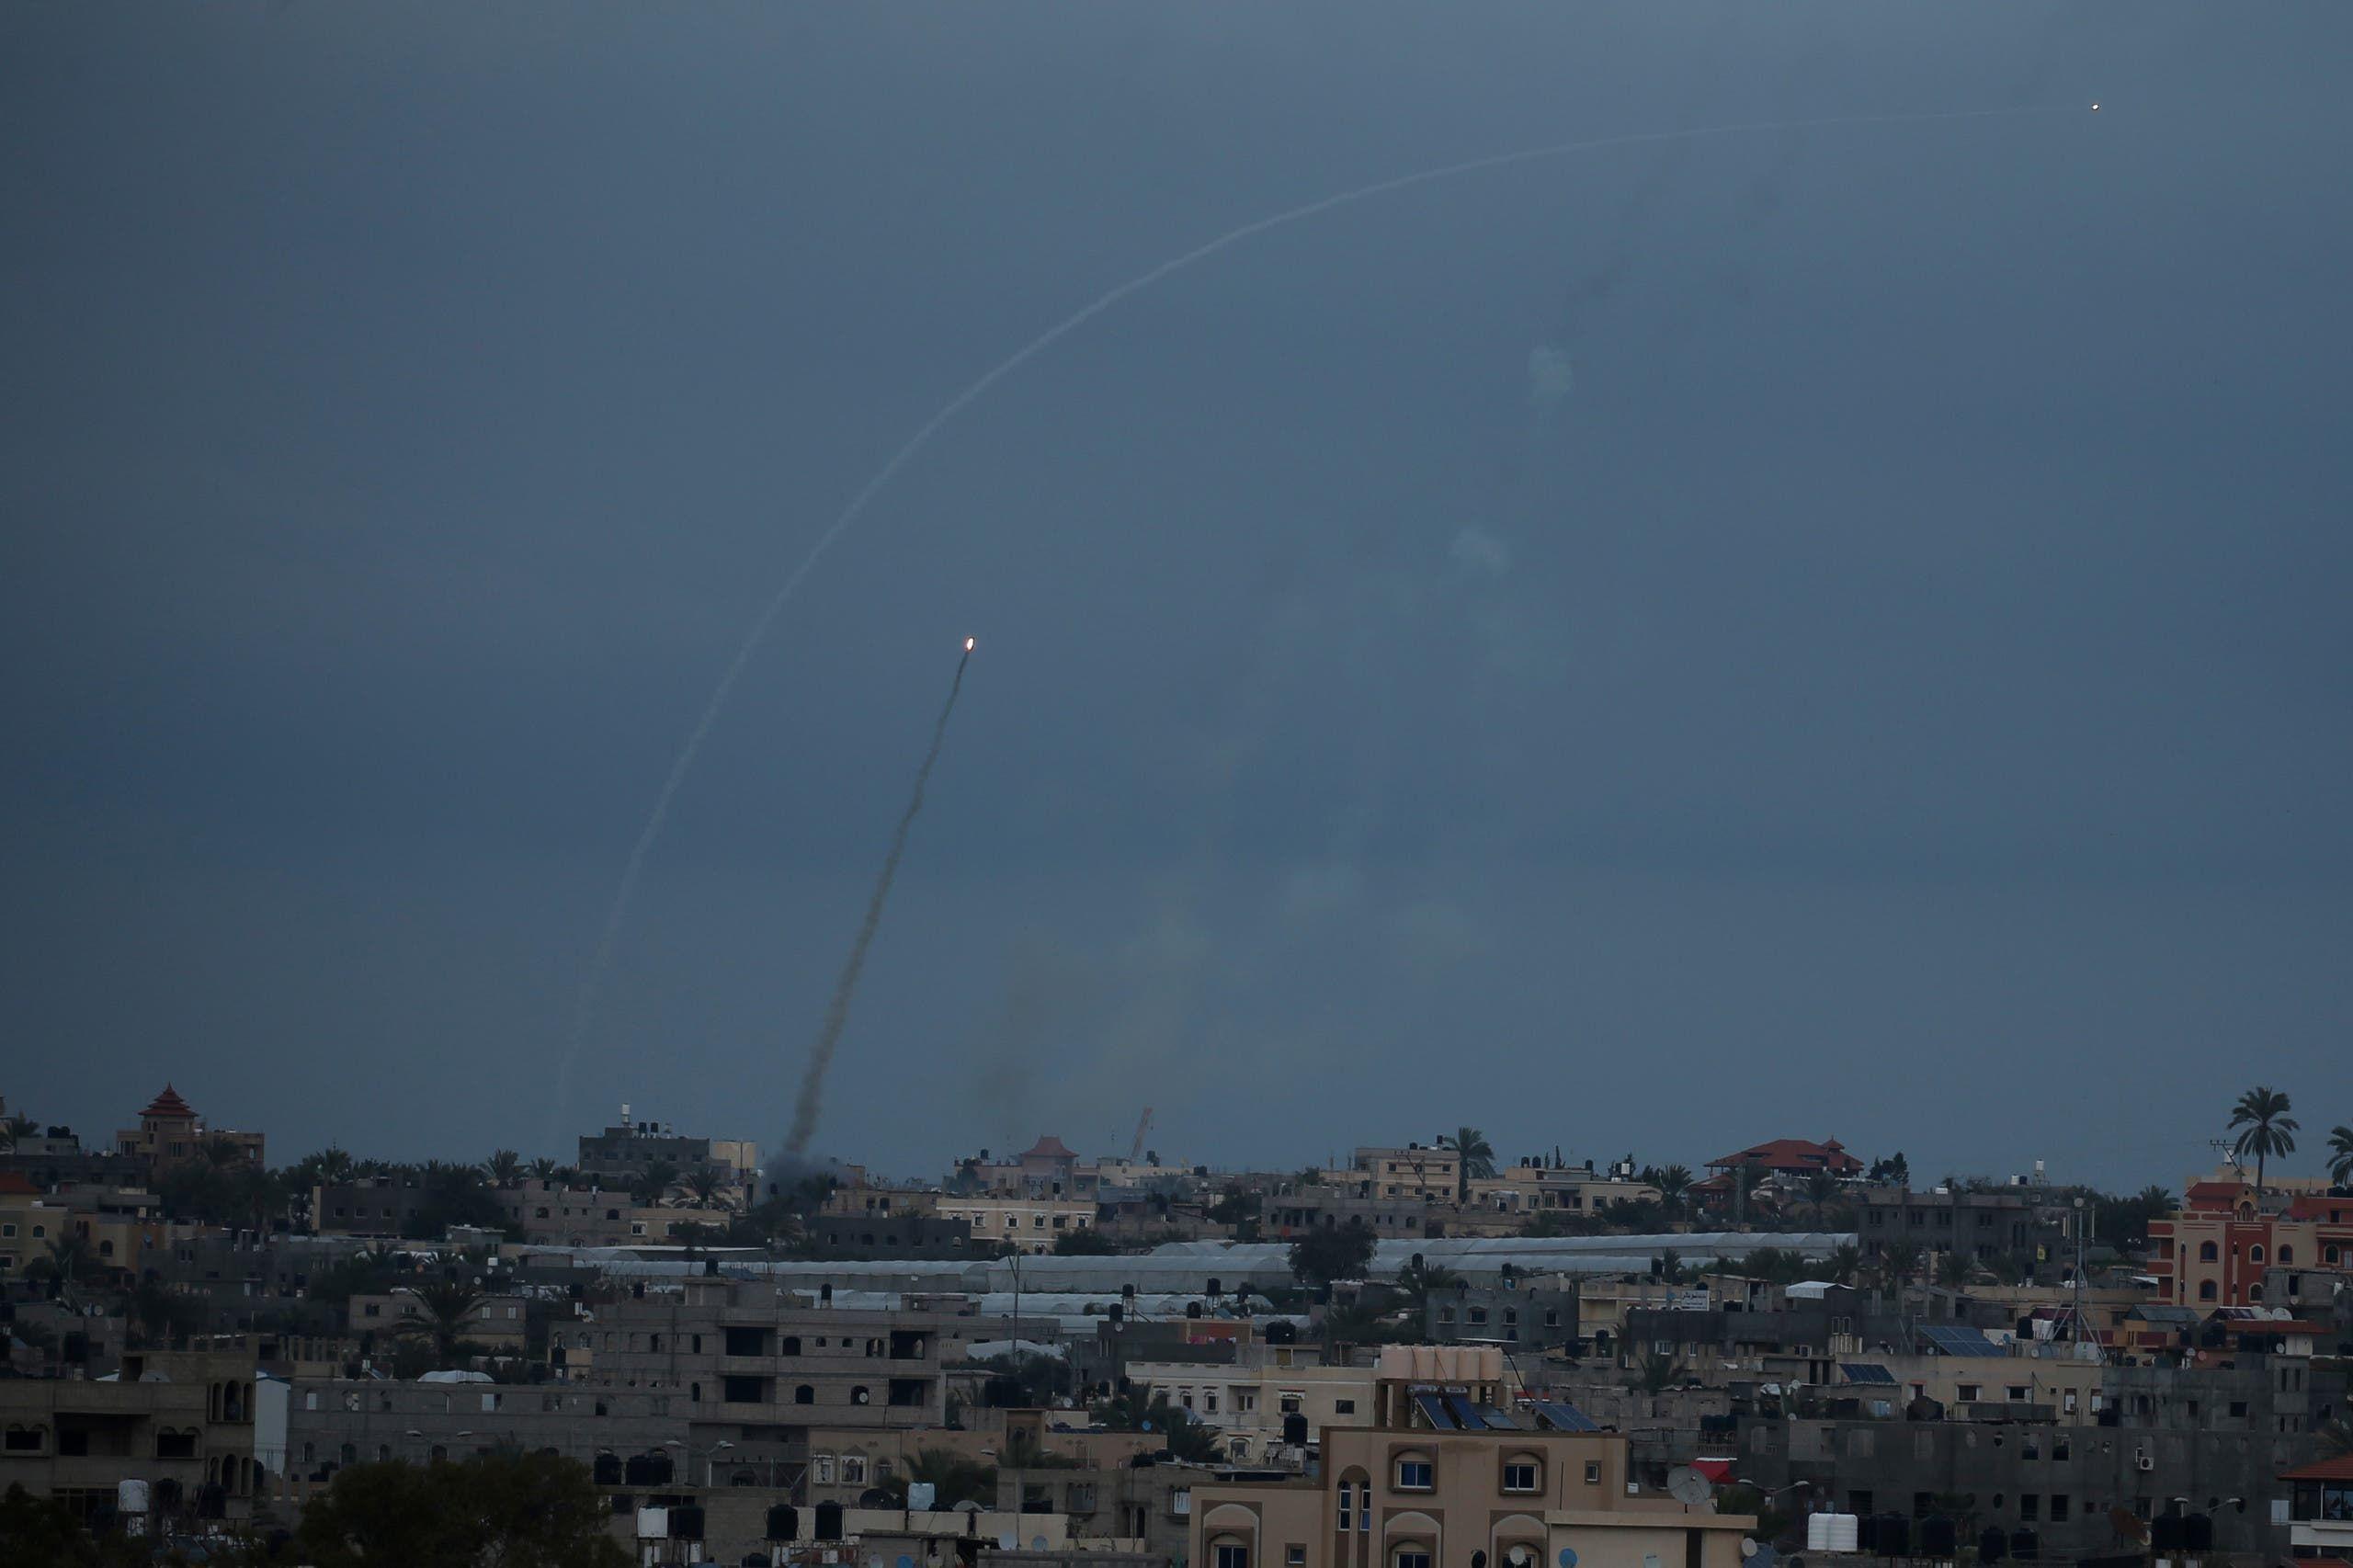 إطلاق صواريخ من غزة في فبراير 2020 (أرشيفية)